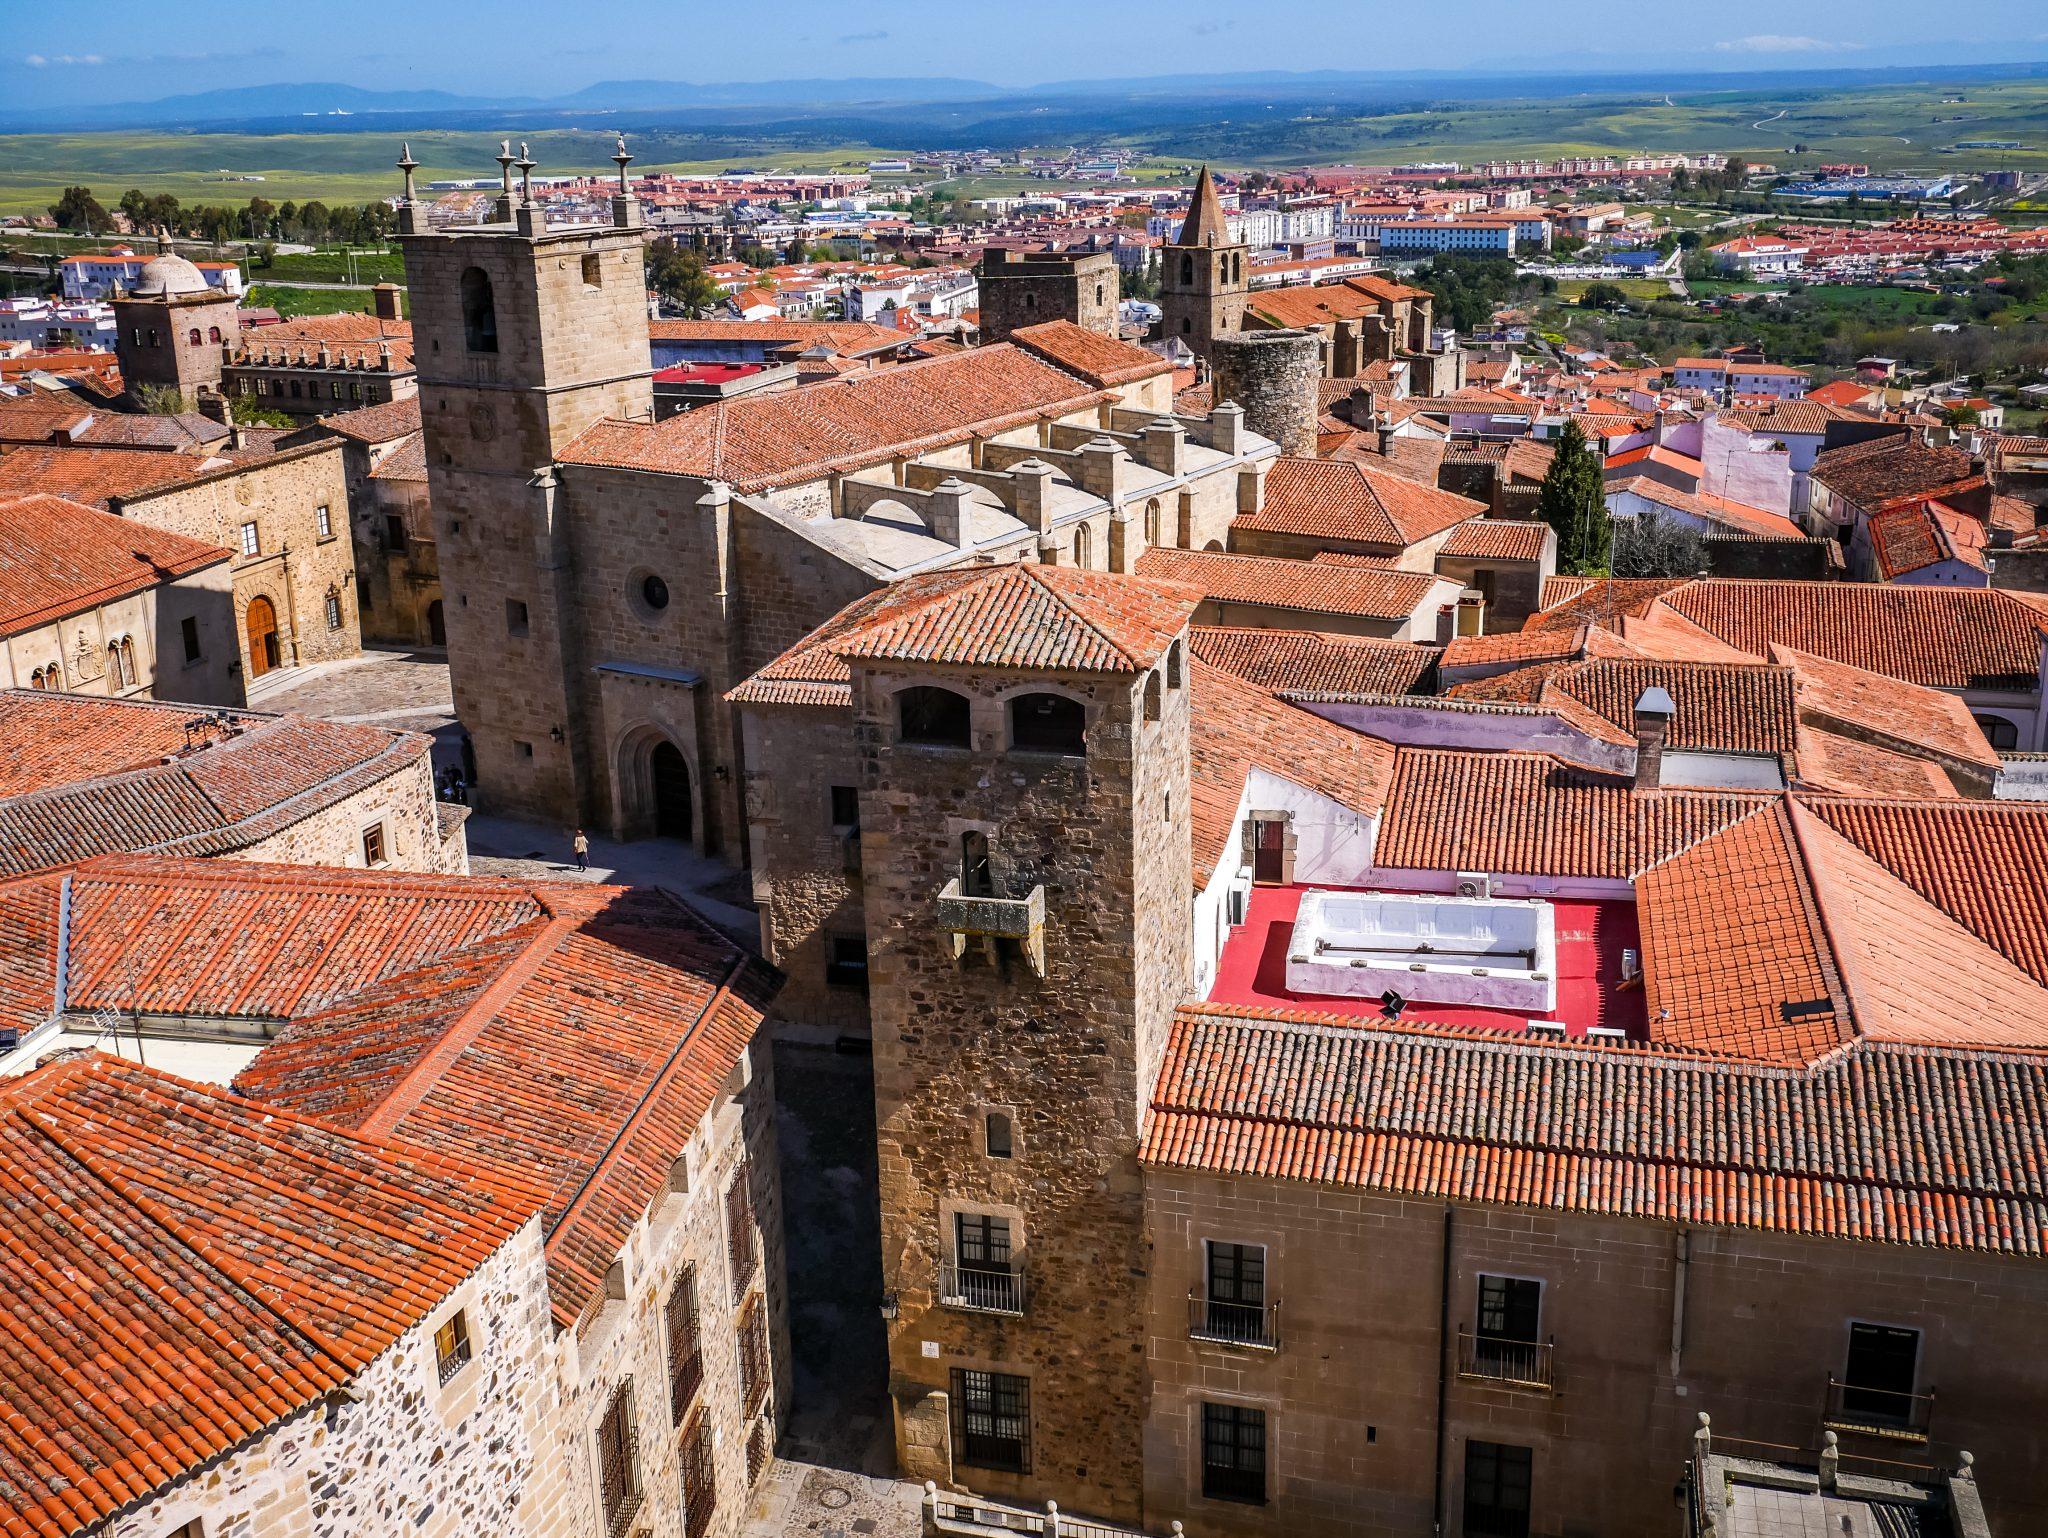 So sieht Cáceres historische Altstadt von oben aus.